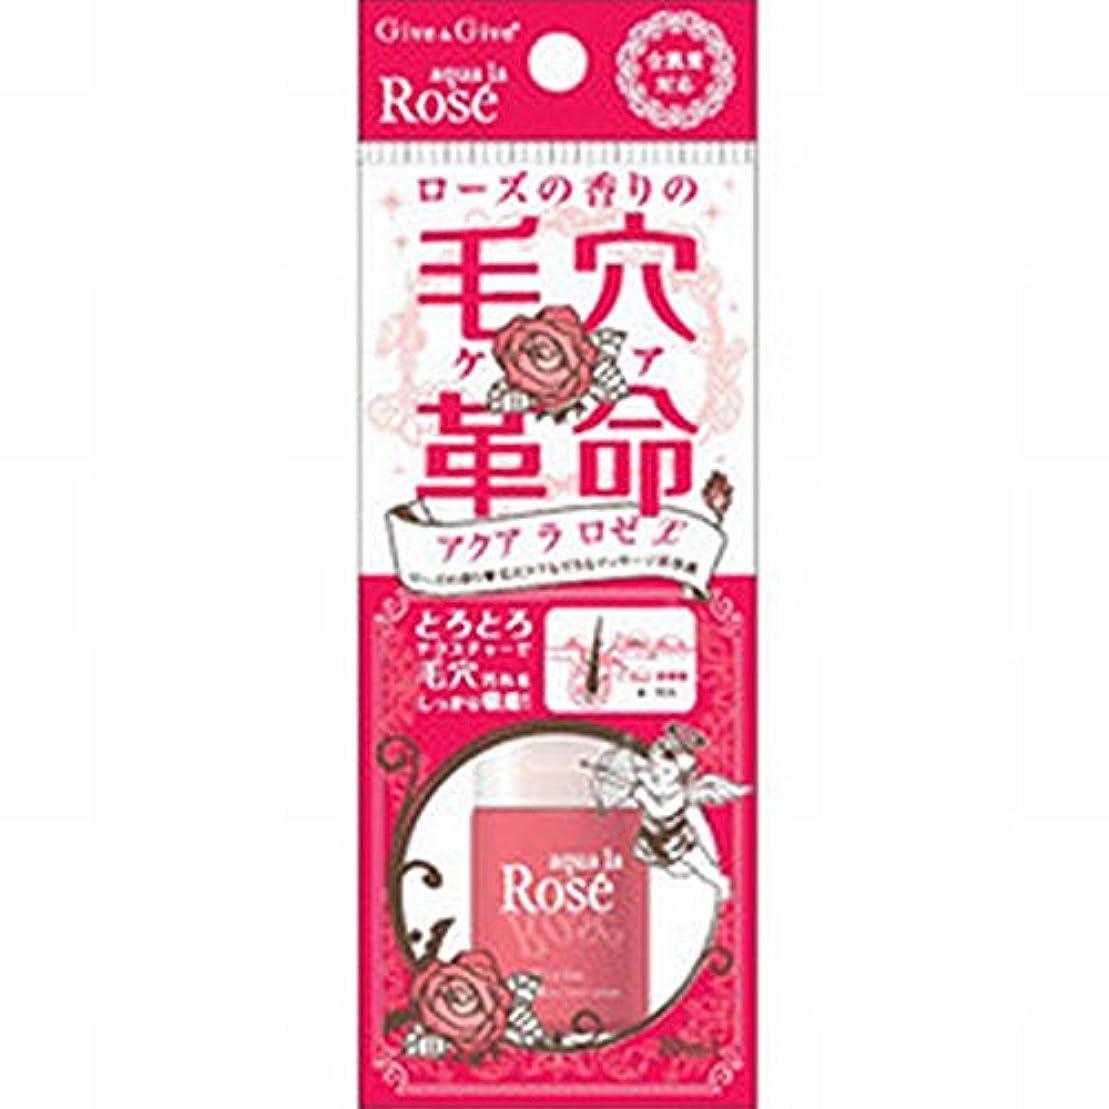 シルエットかかわらず行商毛穴革命 アクア ラ ロゼ L (お試しサイズ) ローズの香り 10ml